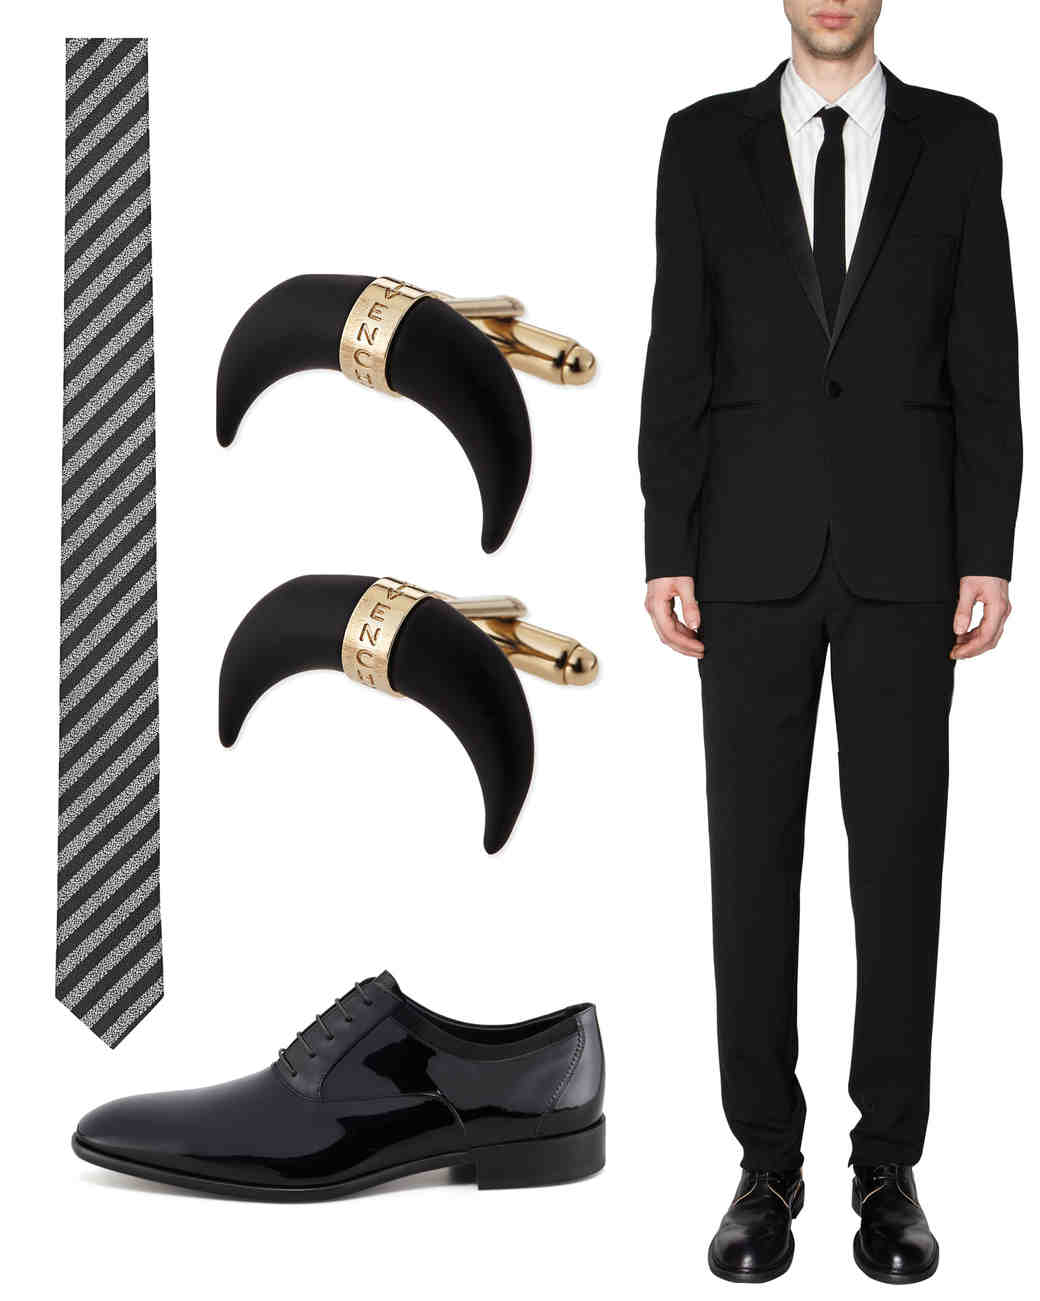 sting-trudie-styler-inspired-wedding-groom-outfit-0814.jpg